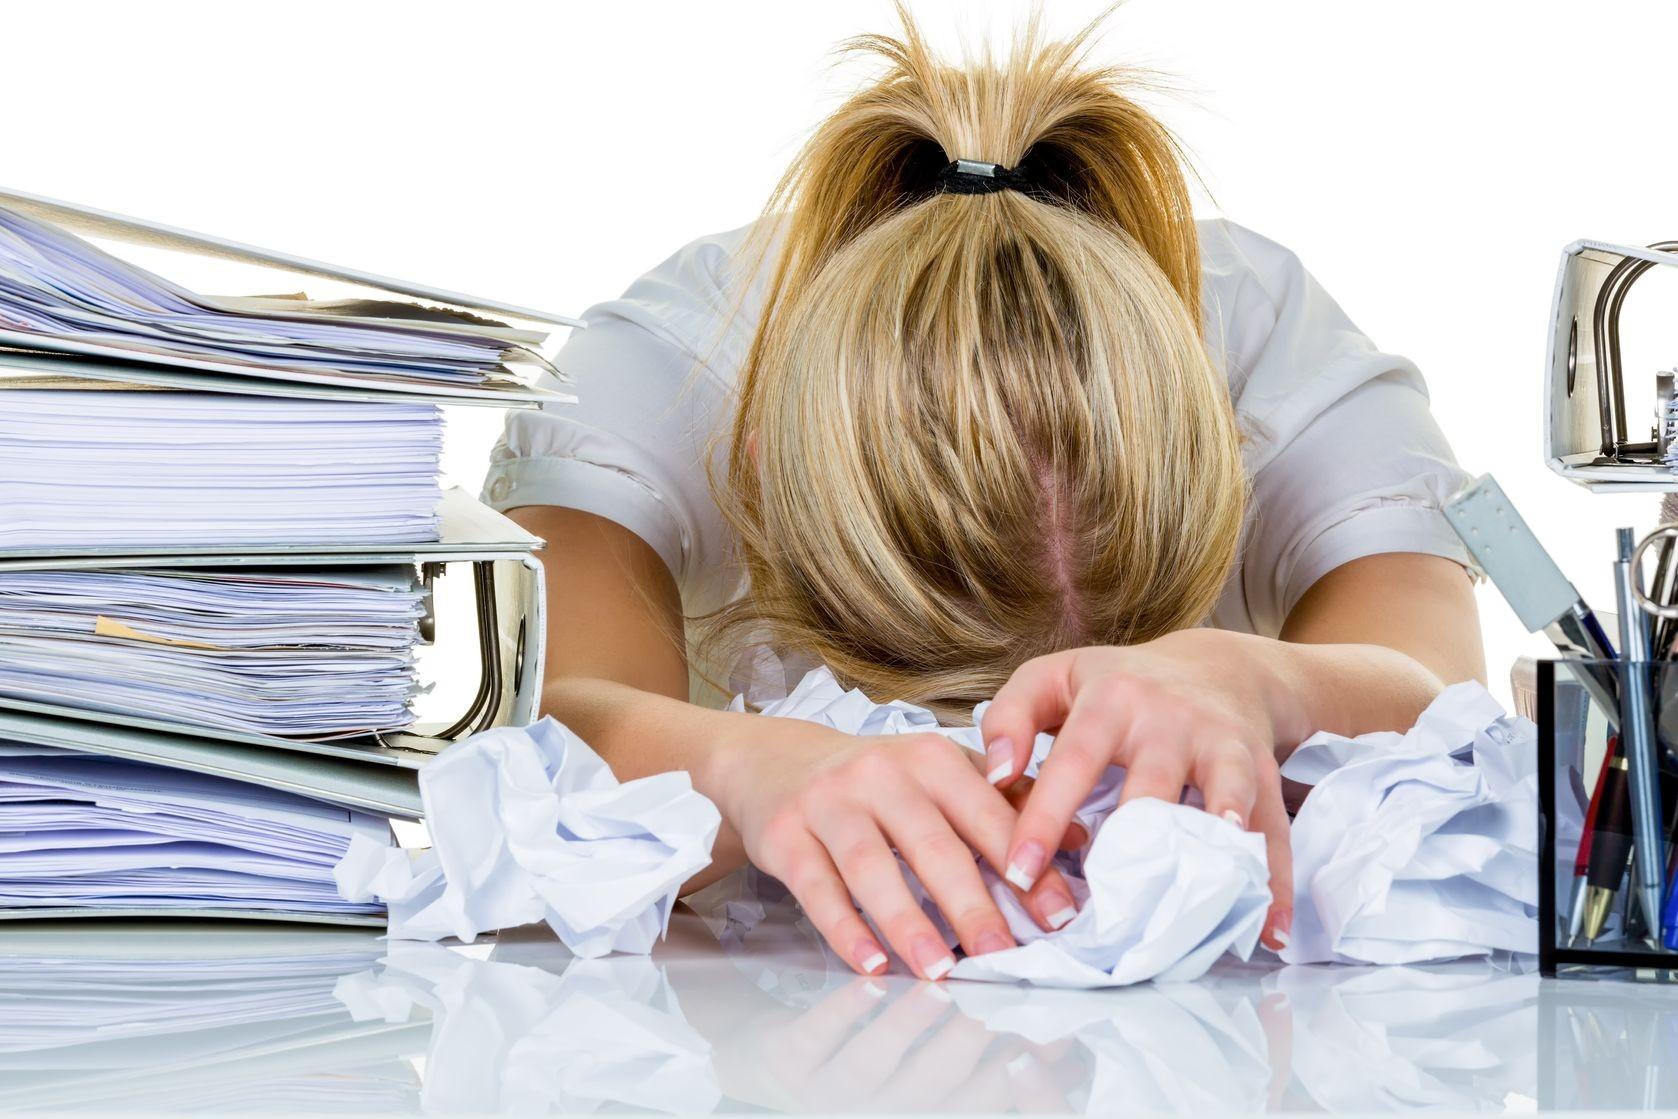 ВБельгии усталость отработы признали болезнью